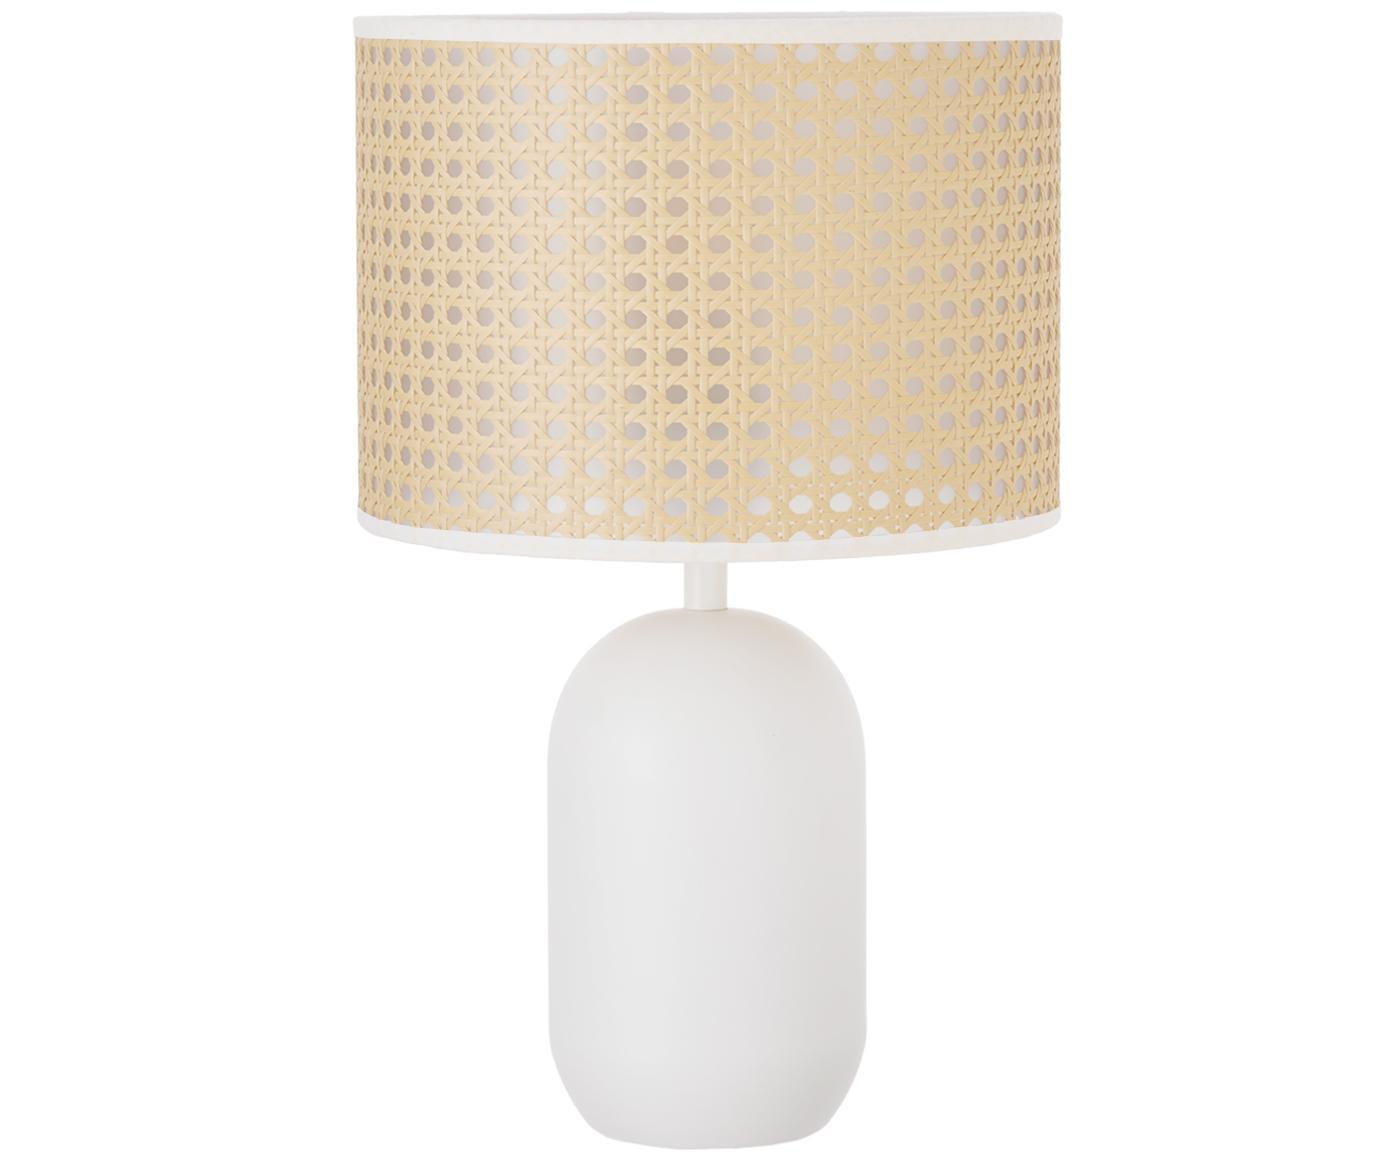 Lampa stołowa Vienna, Klosz: beżowy, biały Podstawa lampy: biały, matowy Kabel: biały, Ø 25 x W 40 cm